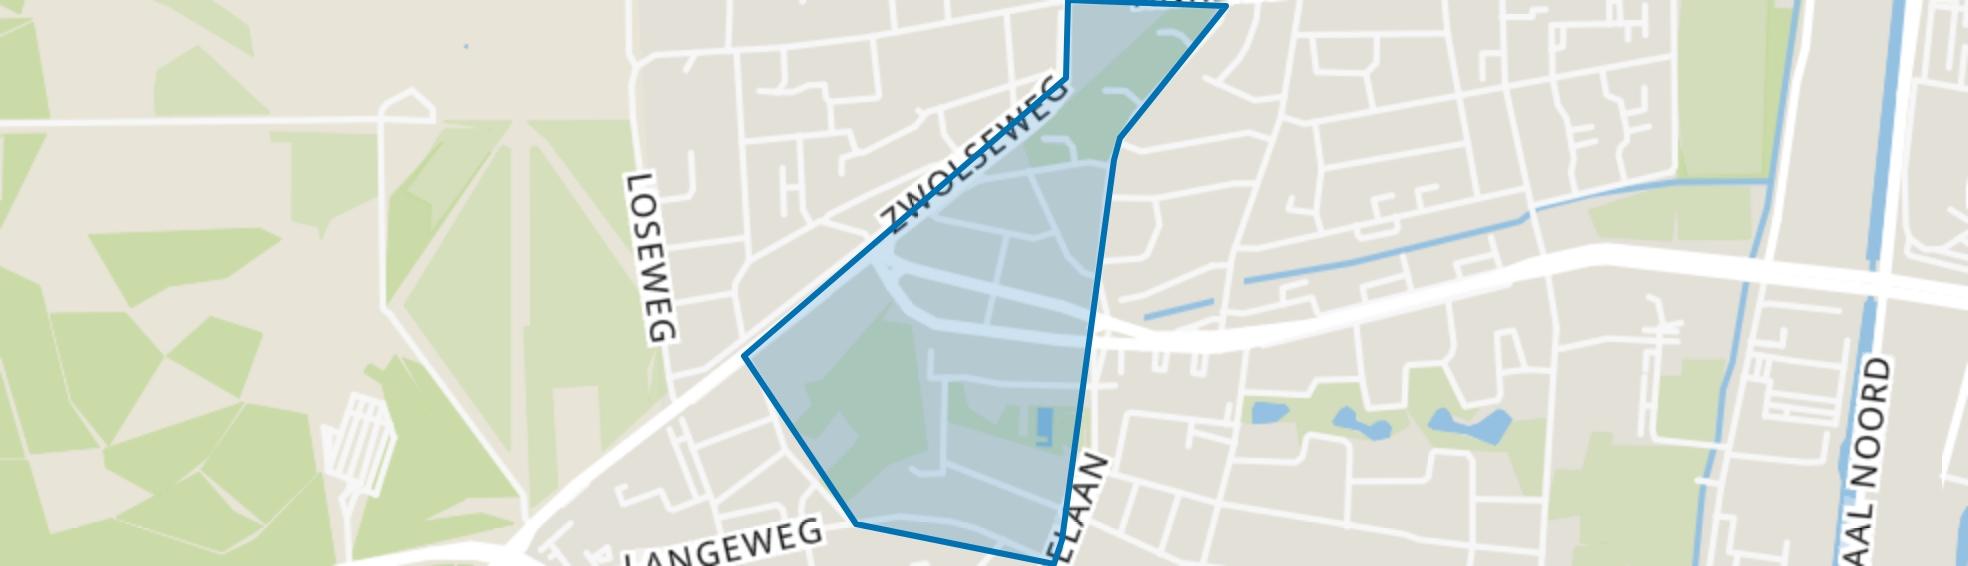 Kerschoten-West, Apeldoorn map